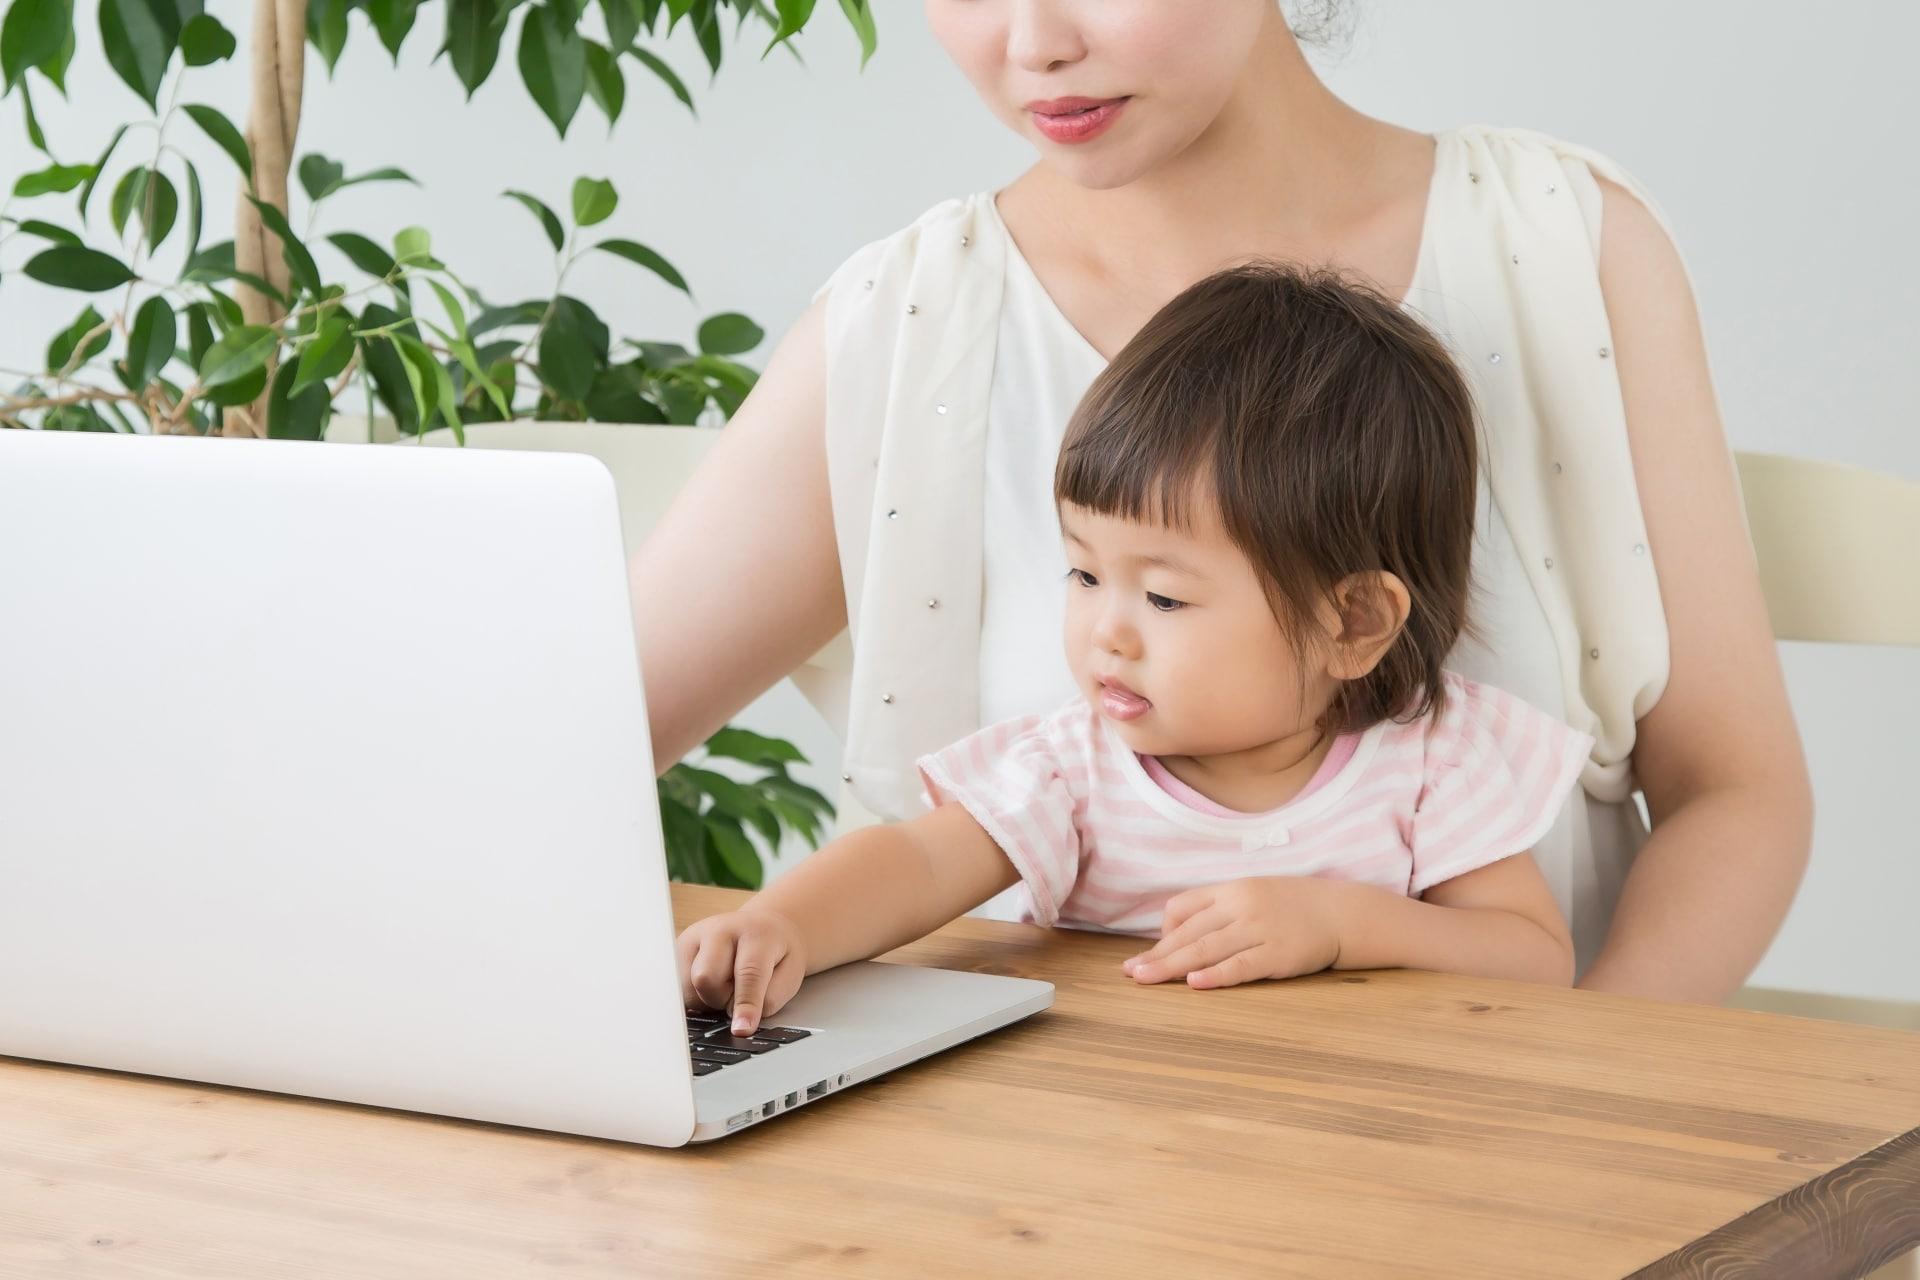 パソコンを触る子どもと母親